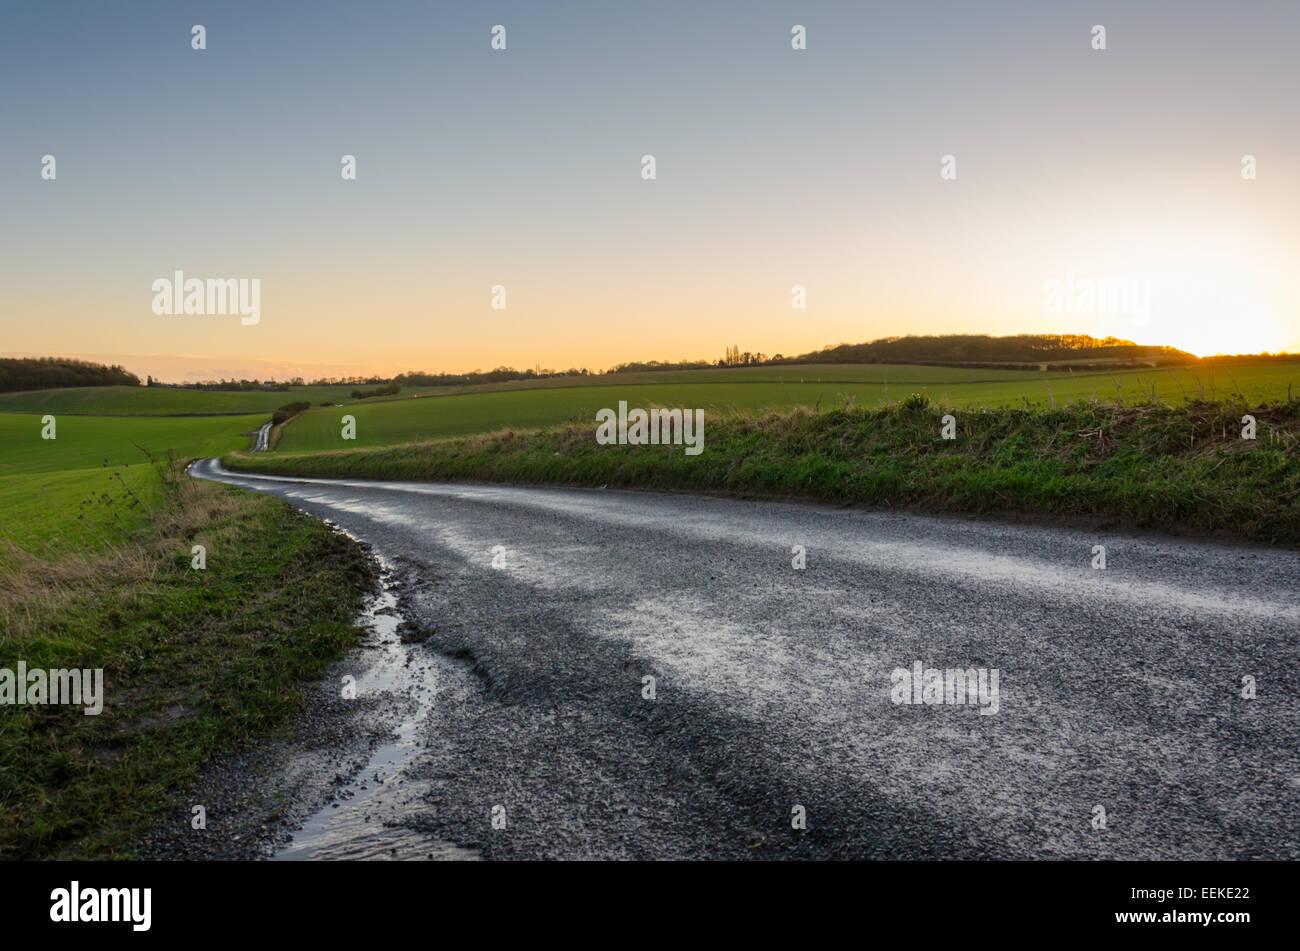 Sonnenuntergang über einem nassen Landstraße im Vereinigten Königreich Stockbild